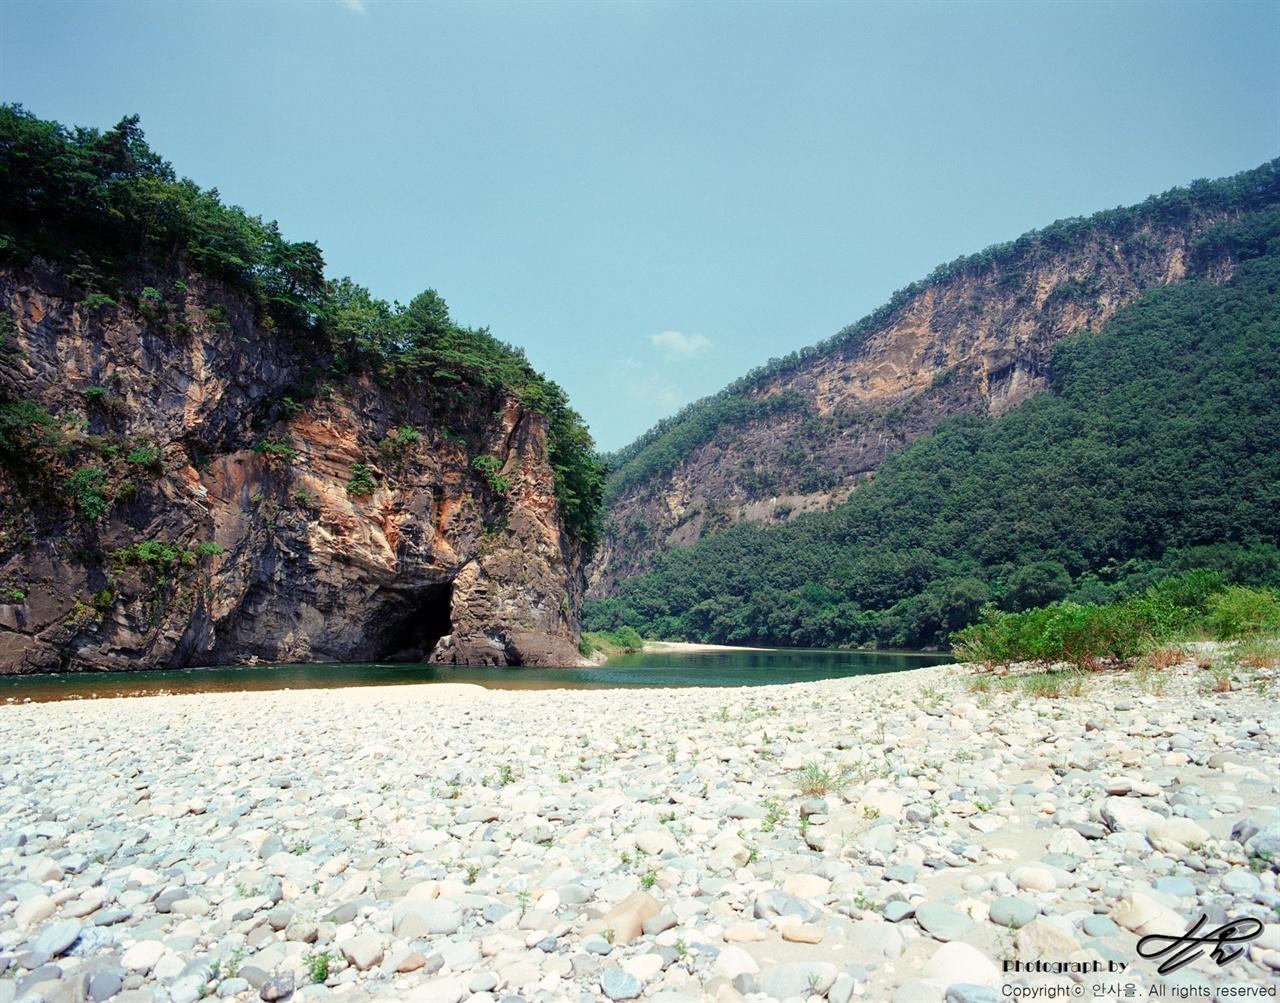 작은 동굴 (6*7중형/Ektar100)거센 물살이 절벽을 때려 작은 동굴을 만들었다.